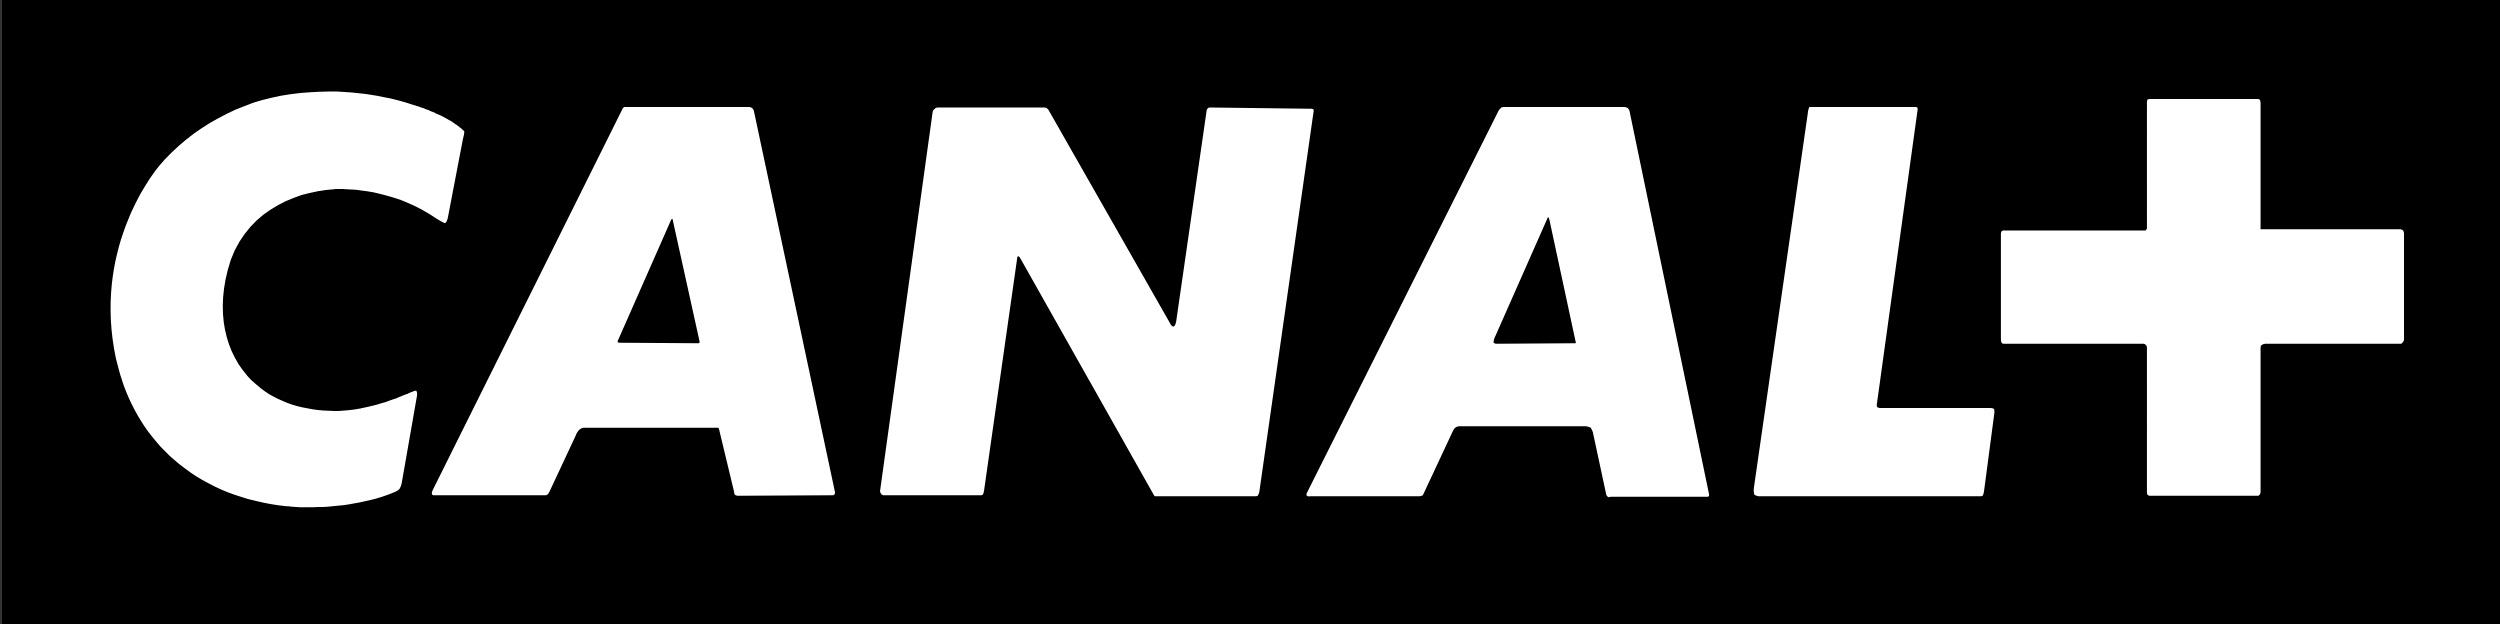 Code promo Canal + : 1 mois d'abonnement à Canal + offert gratuitement pour les moins de 26 ans